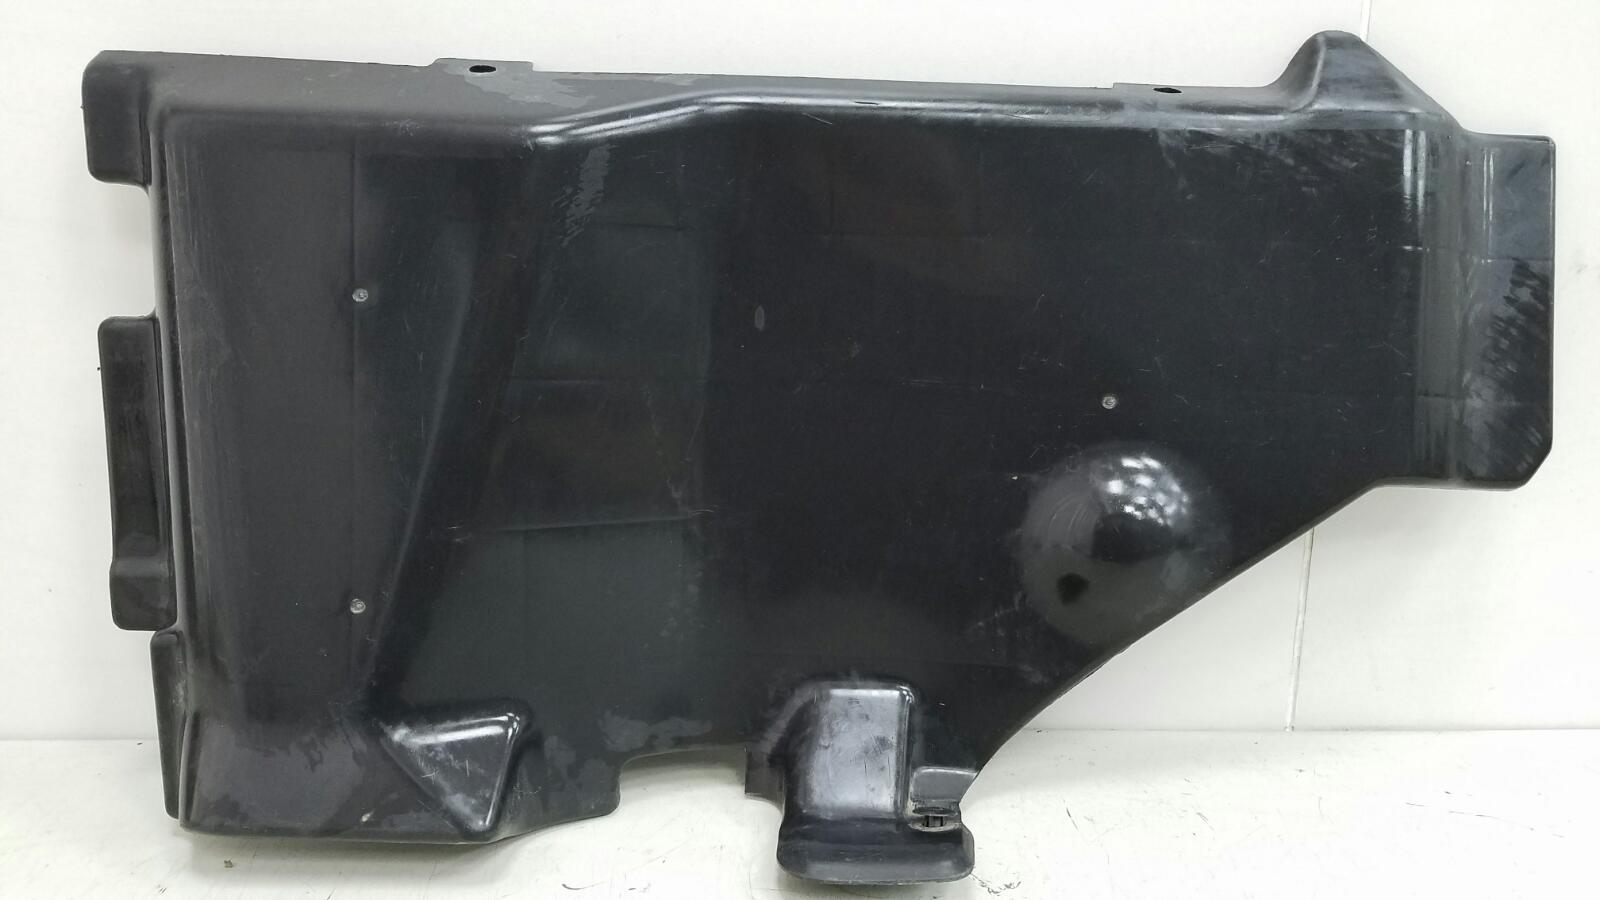 Накладка под торпеду Proton Persona 400 415 4G15 1999